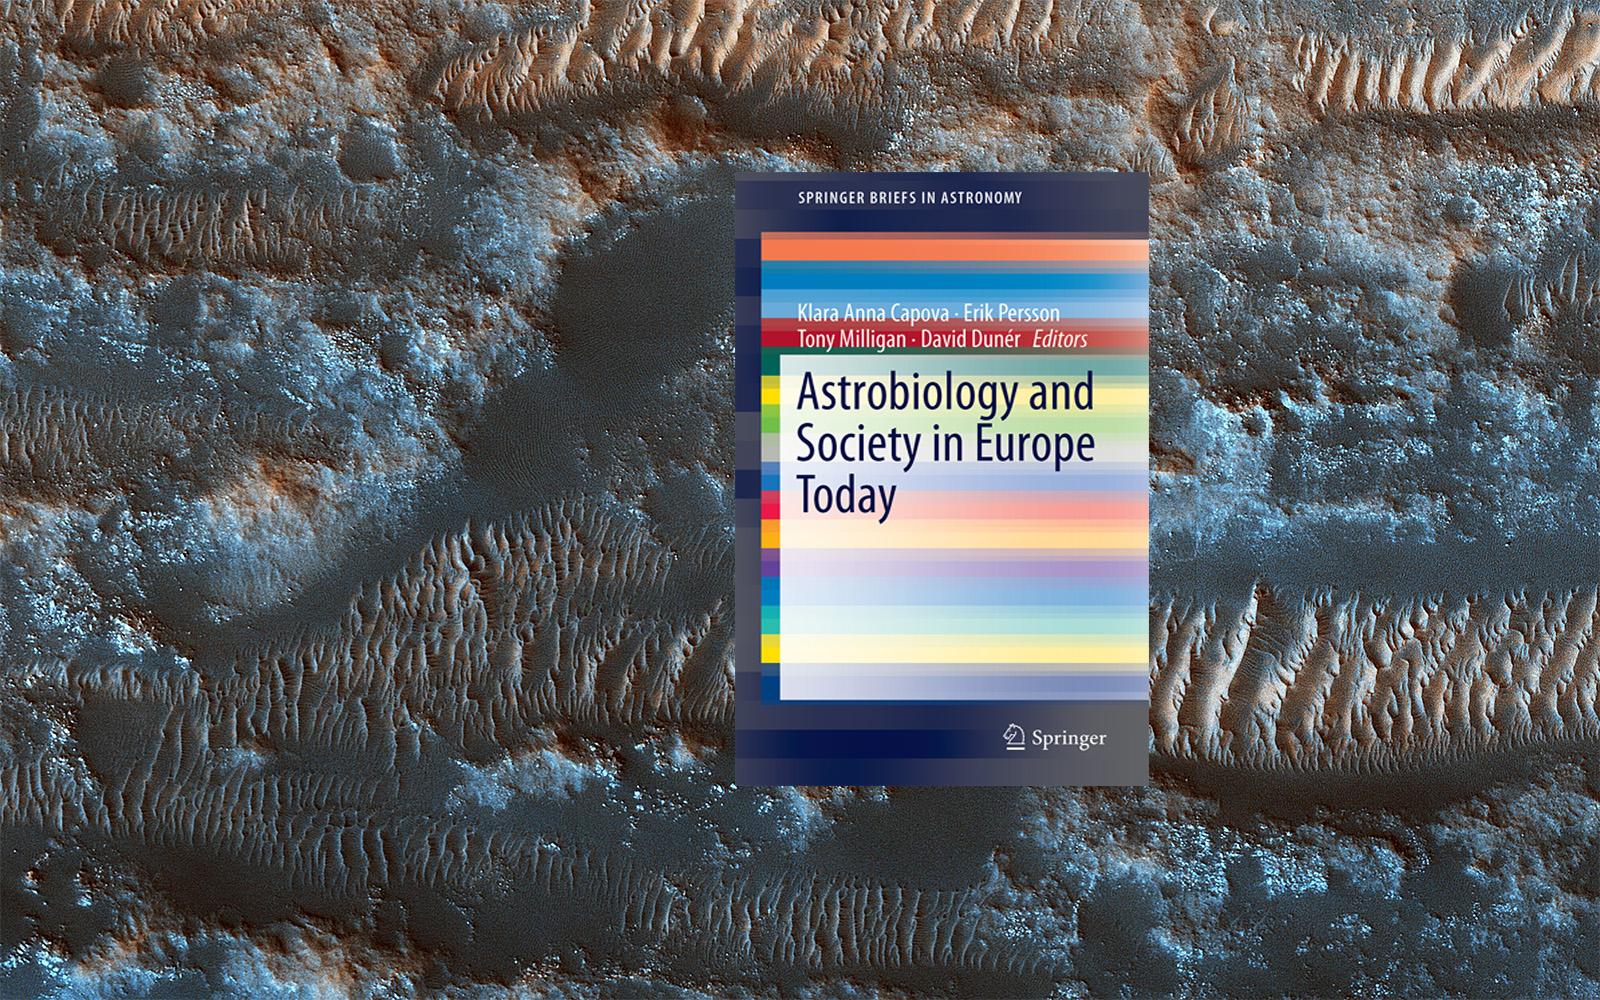 Αστροβιολογία και Κοινωνία στην Ευρώπη Σήμερα